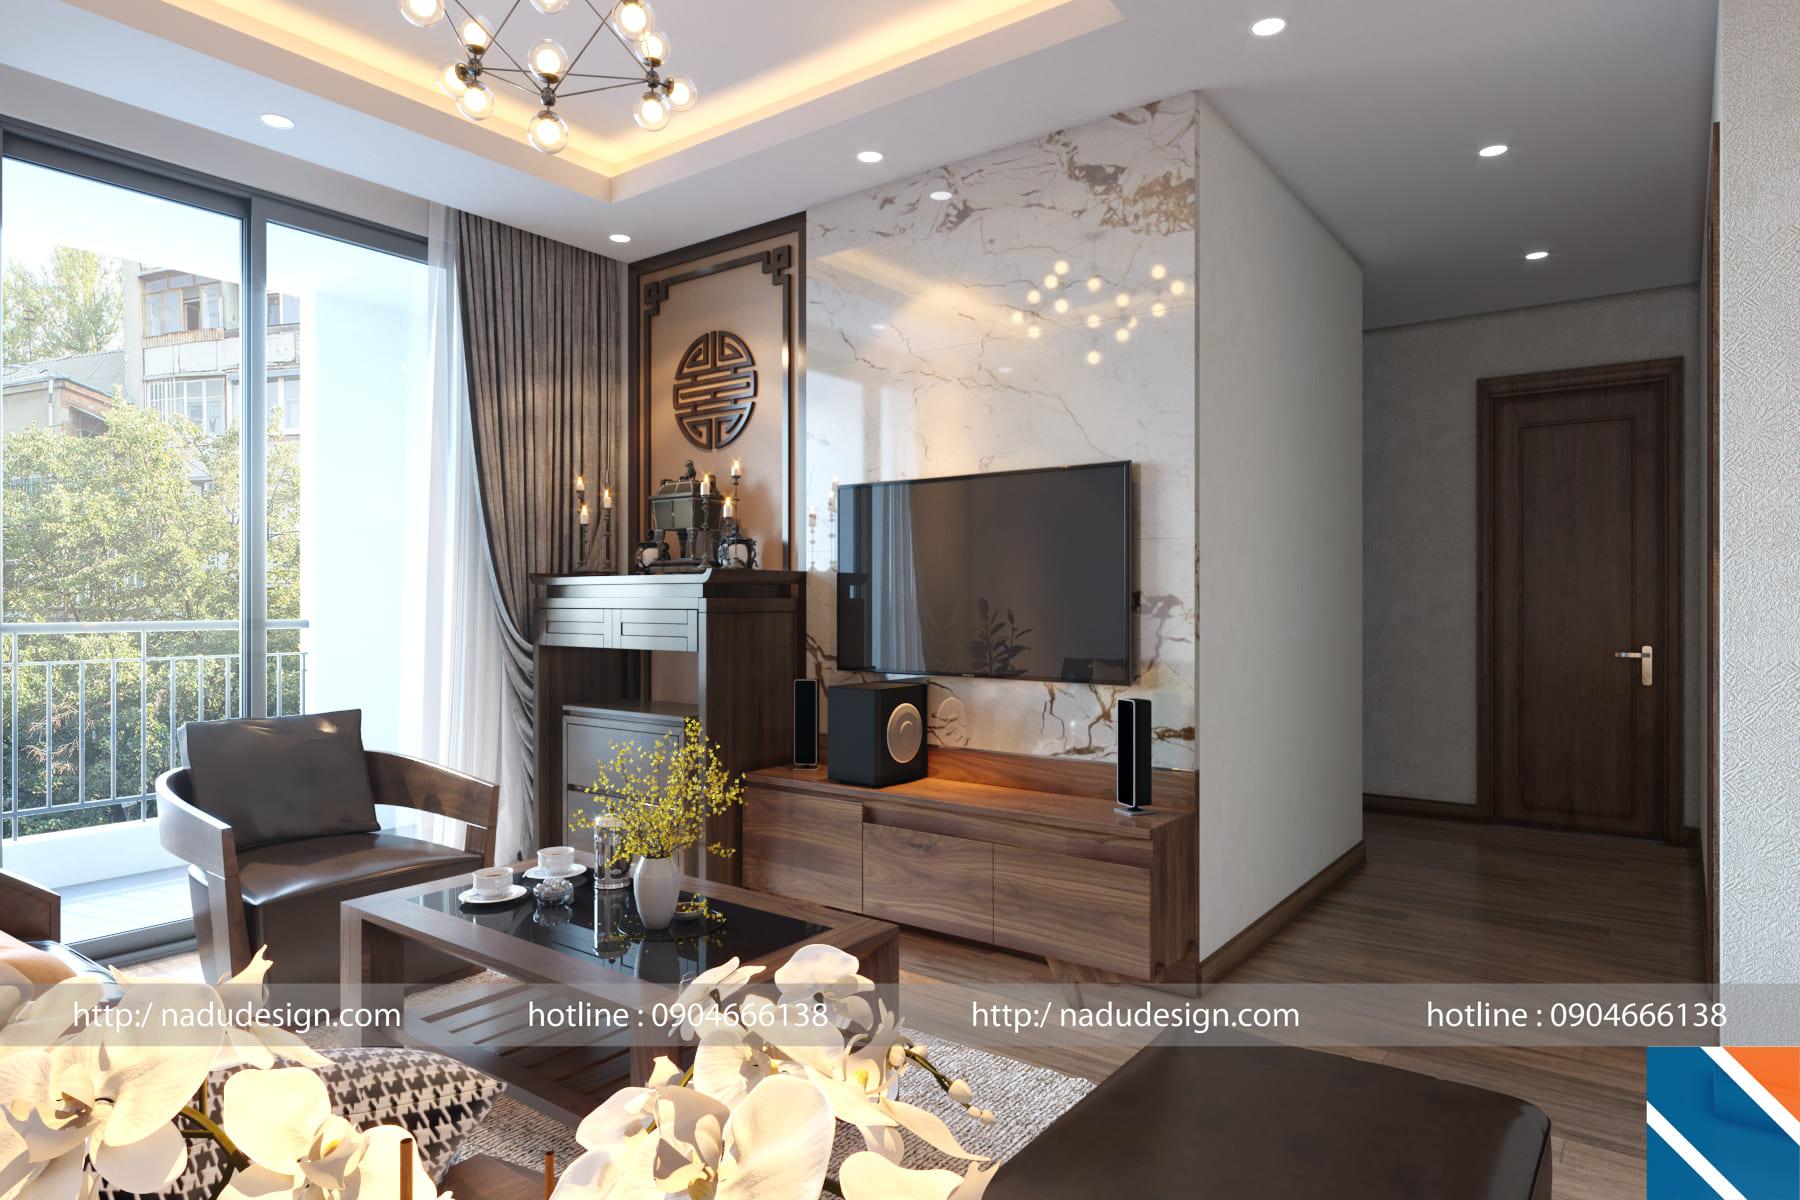 Trang trí nhà đẹp cho không gian hẹp bằng cách tận dụng mọi không gian